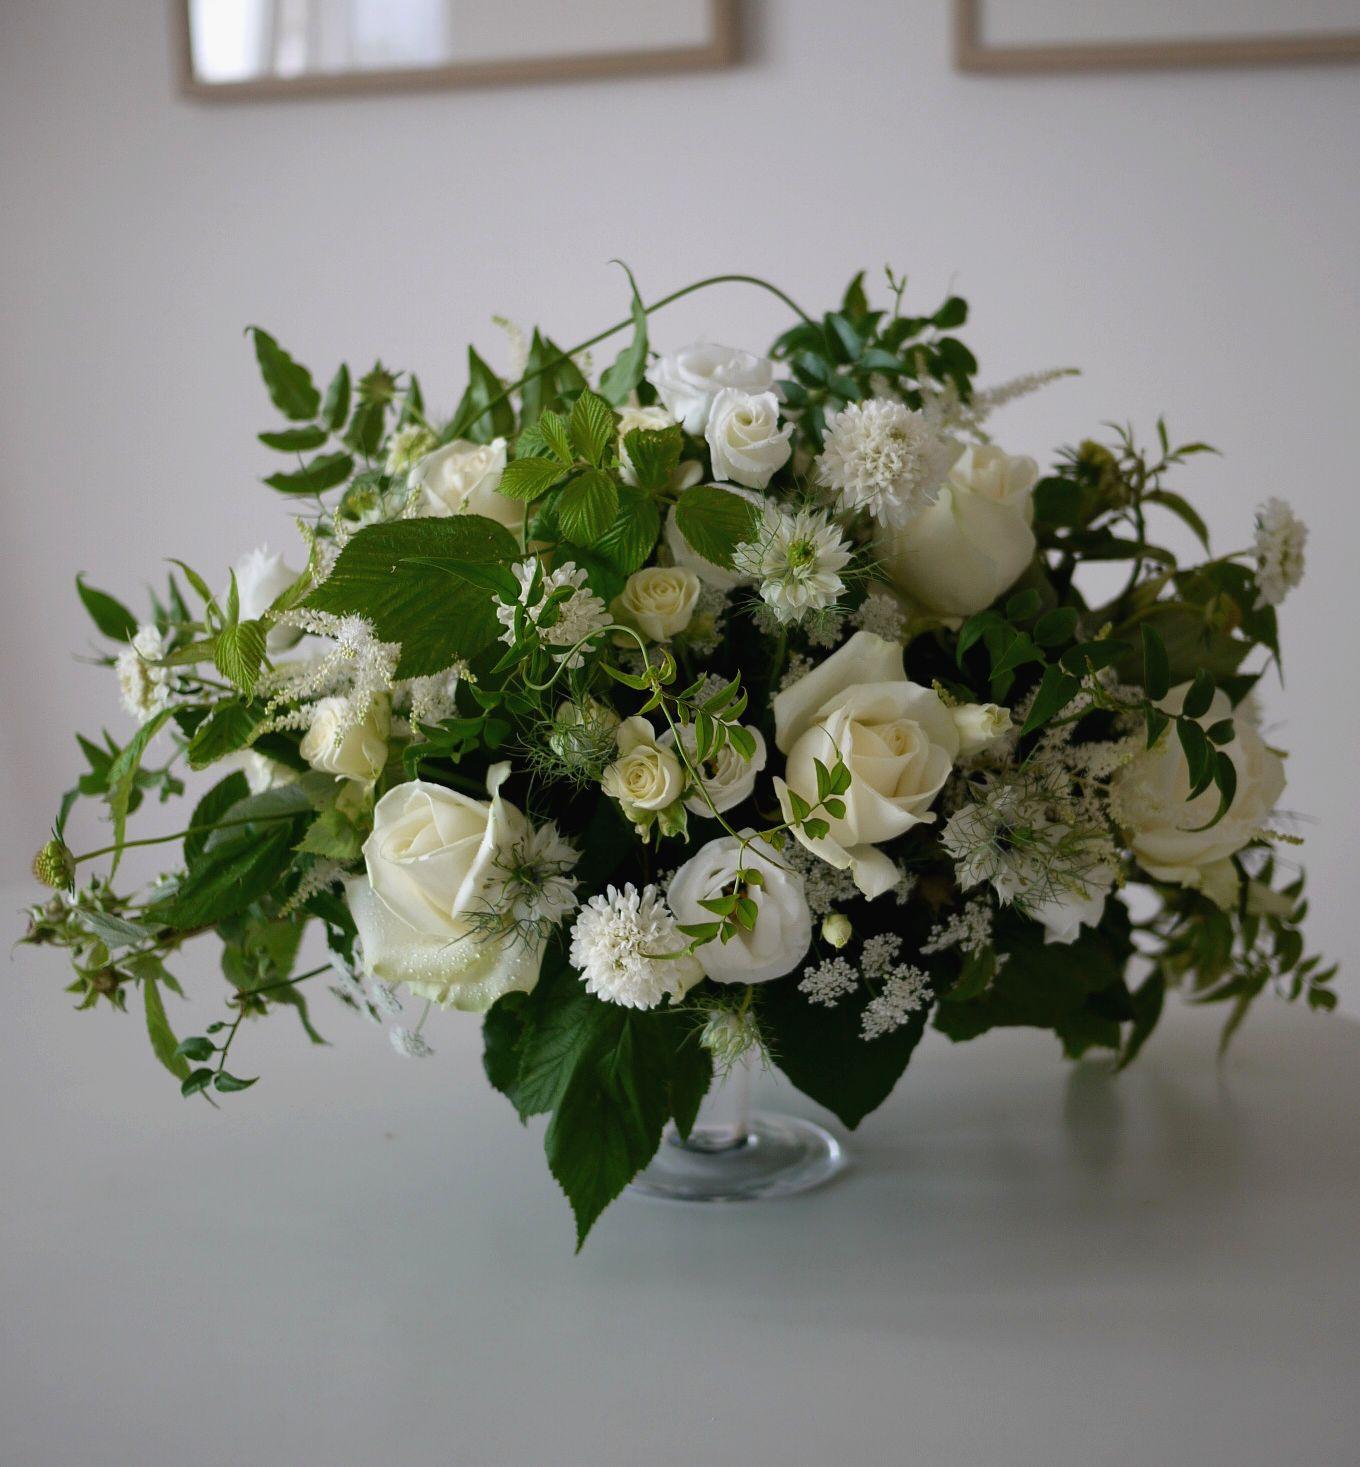 astilbe, framboisier, jasmin, lisianthus, rose, scabieuse